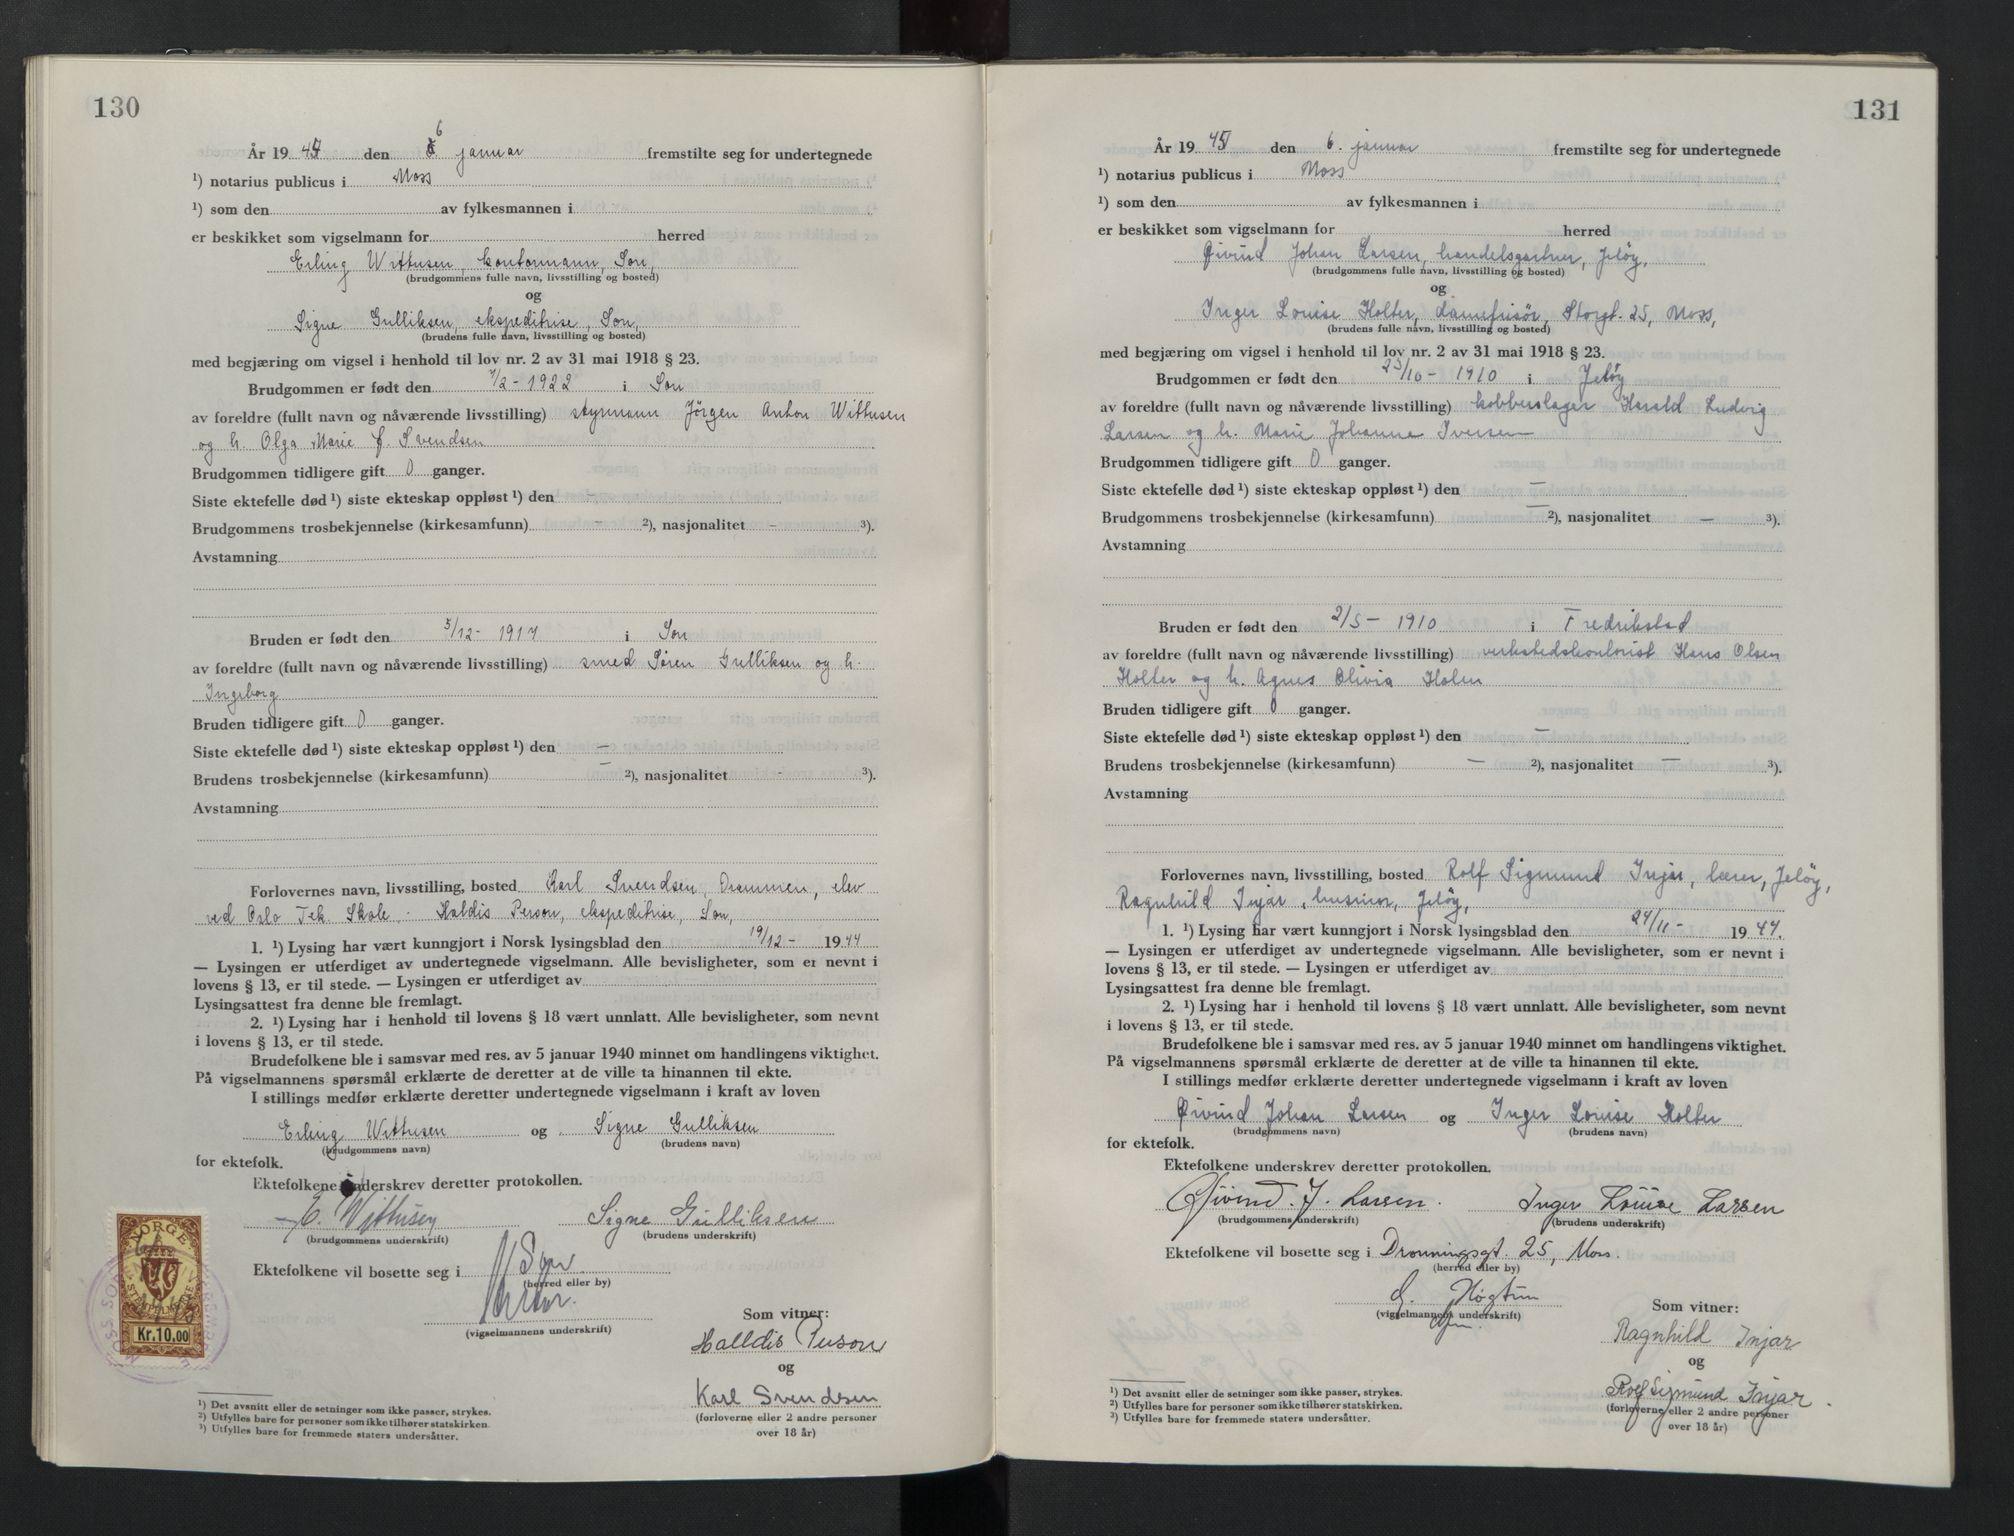 SAO, Moss sorenskriveri, 1944-1945, s. 130-131